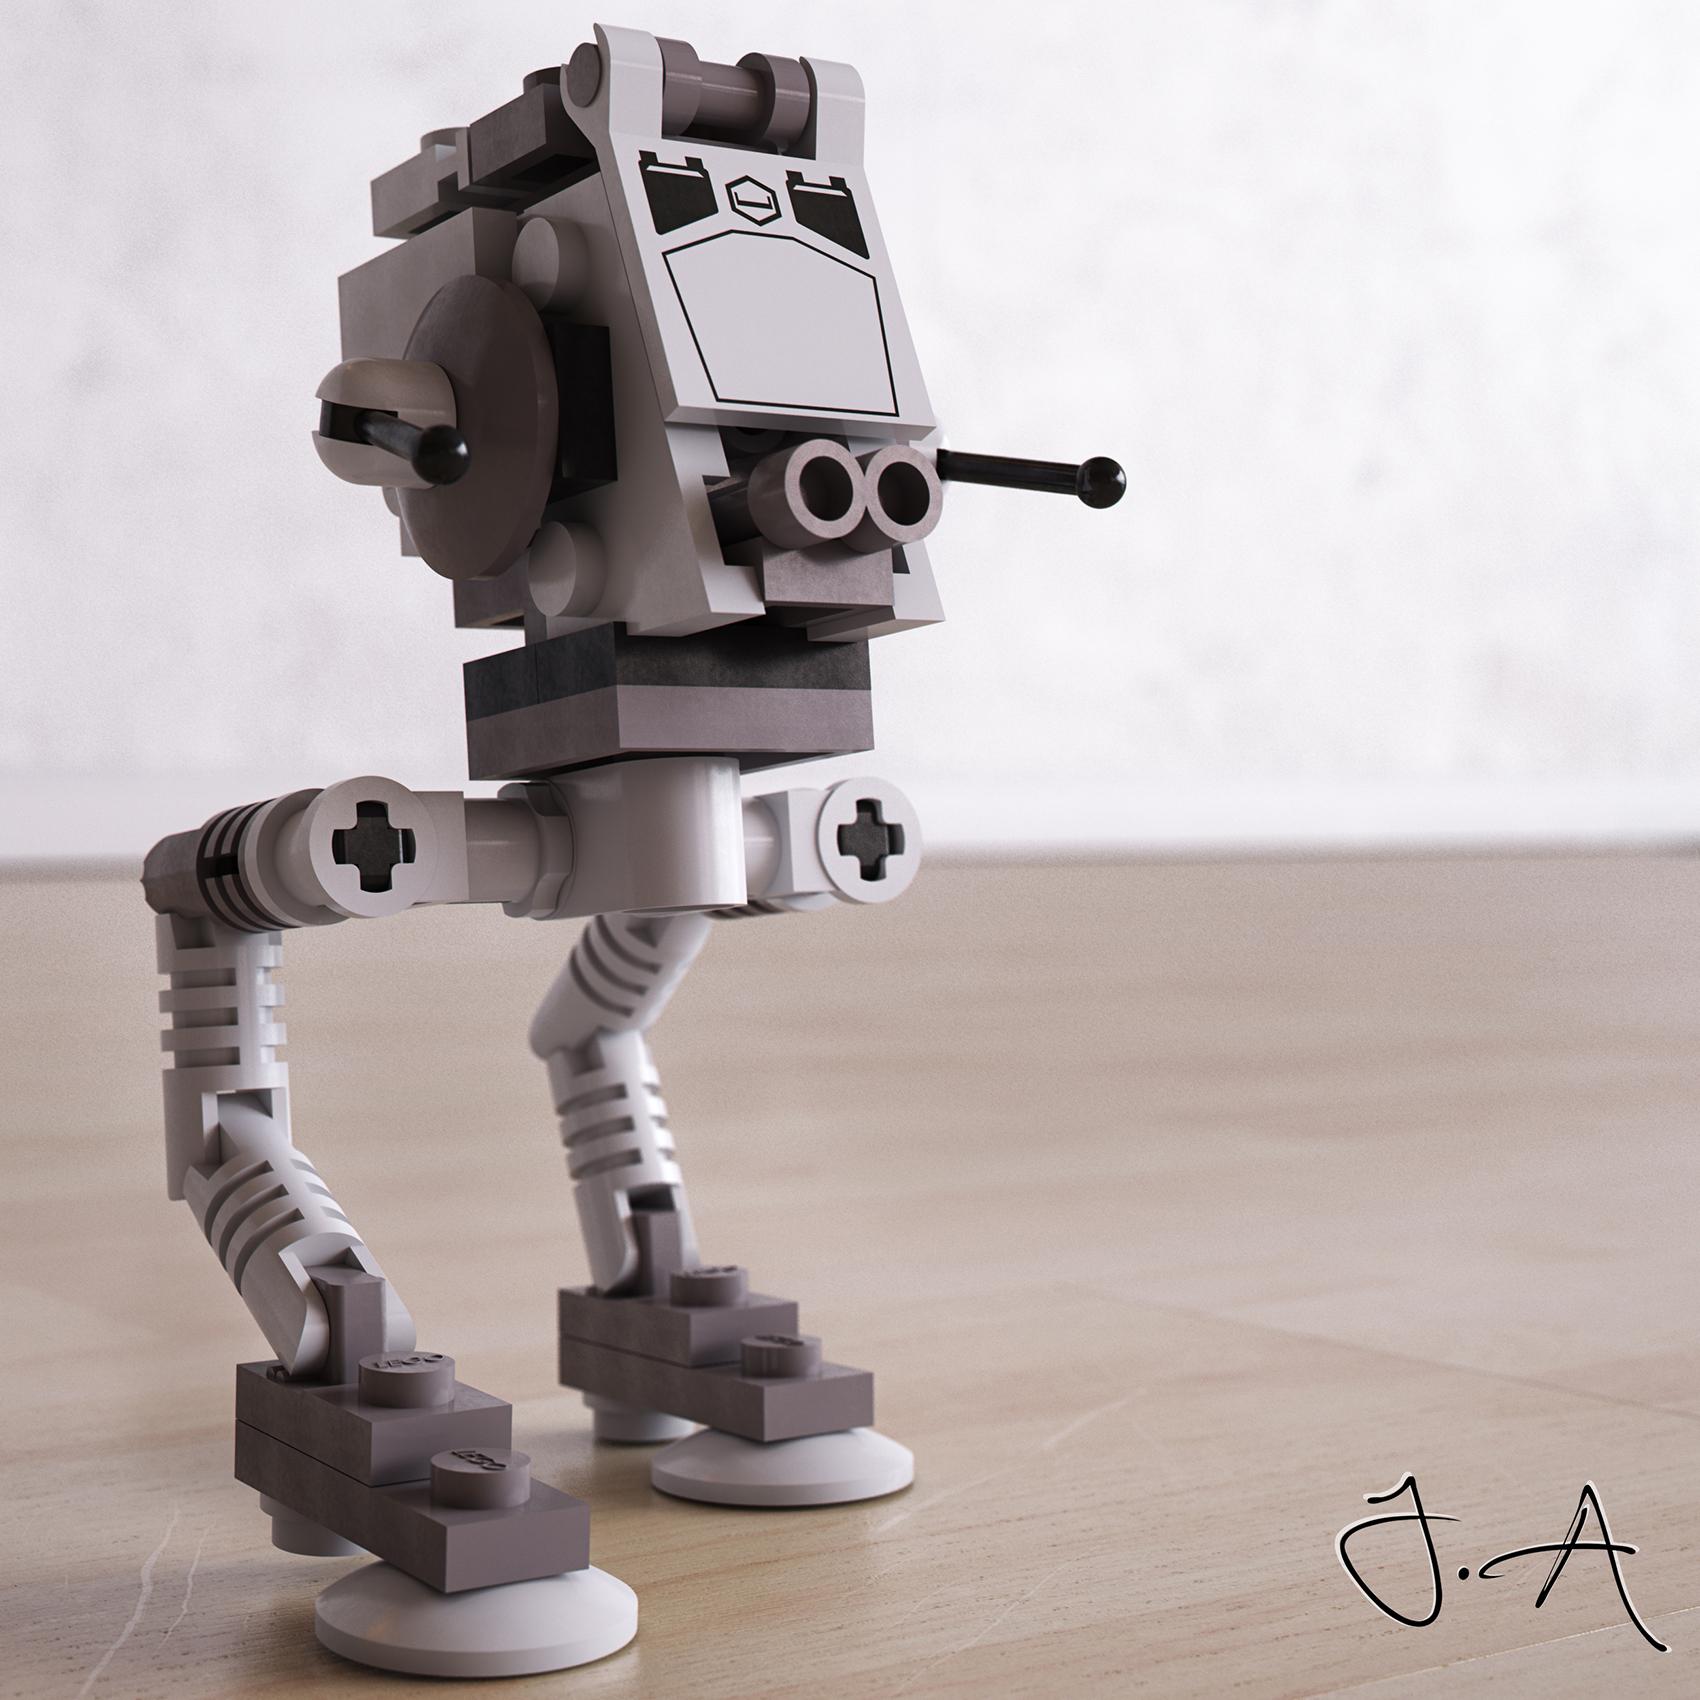 Star Wars LEGO ATST